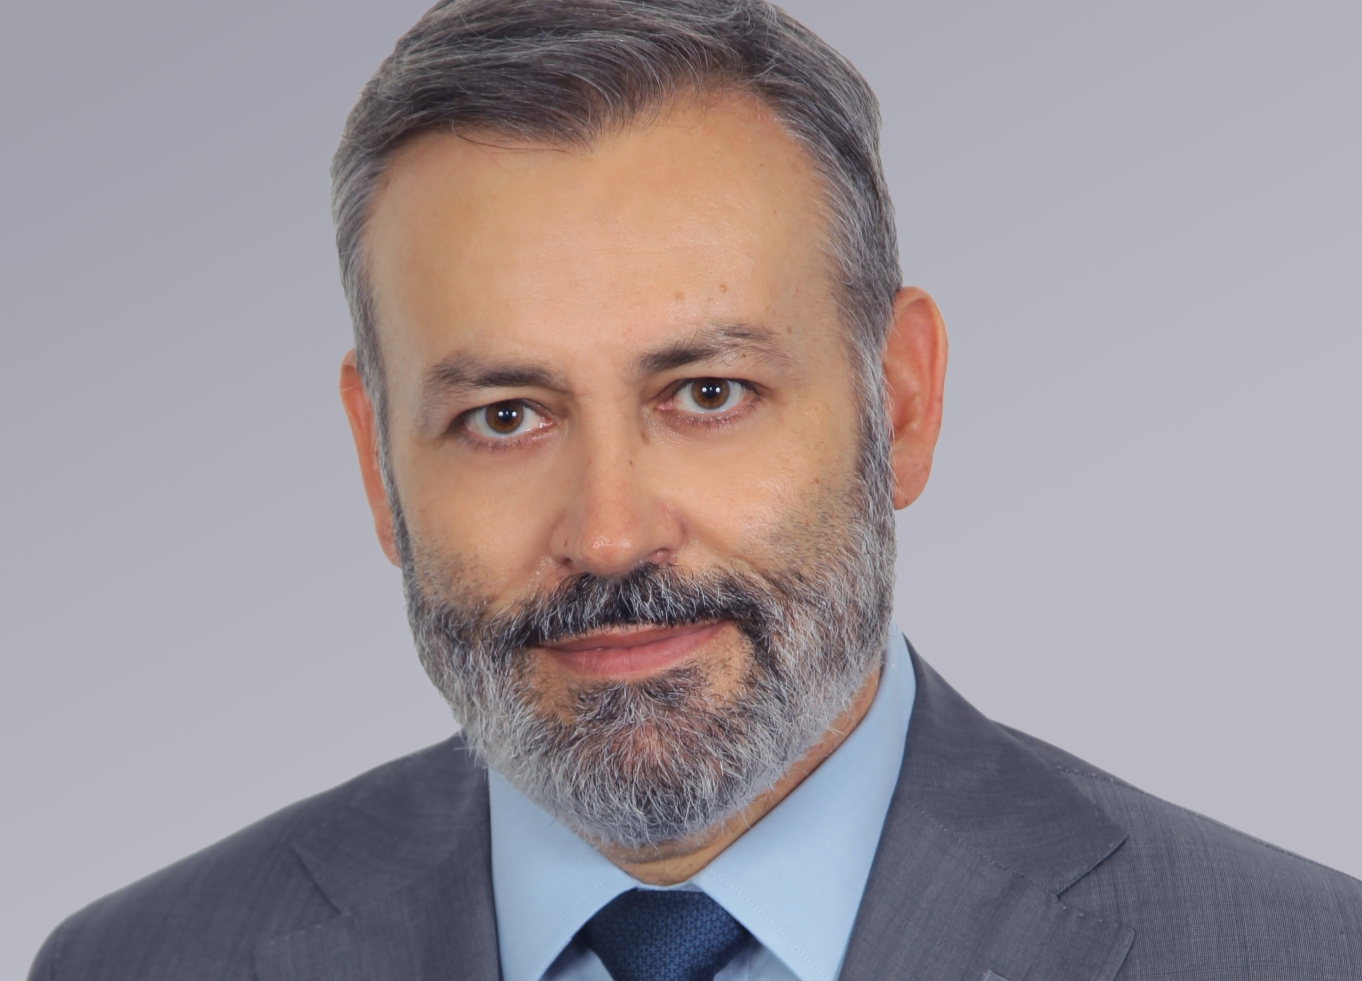 Δημήτρης Ζημιανίτης: Διορίστηκε επισήμως νέος Έλληνας Ευρωπαίος Εισαγγελέας- Ποιοι είναι οι 22 Ευρωπαίοι εισαγγελείς